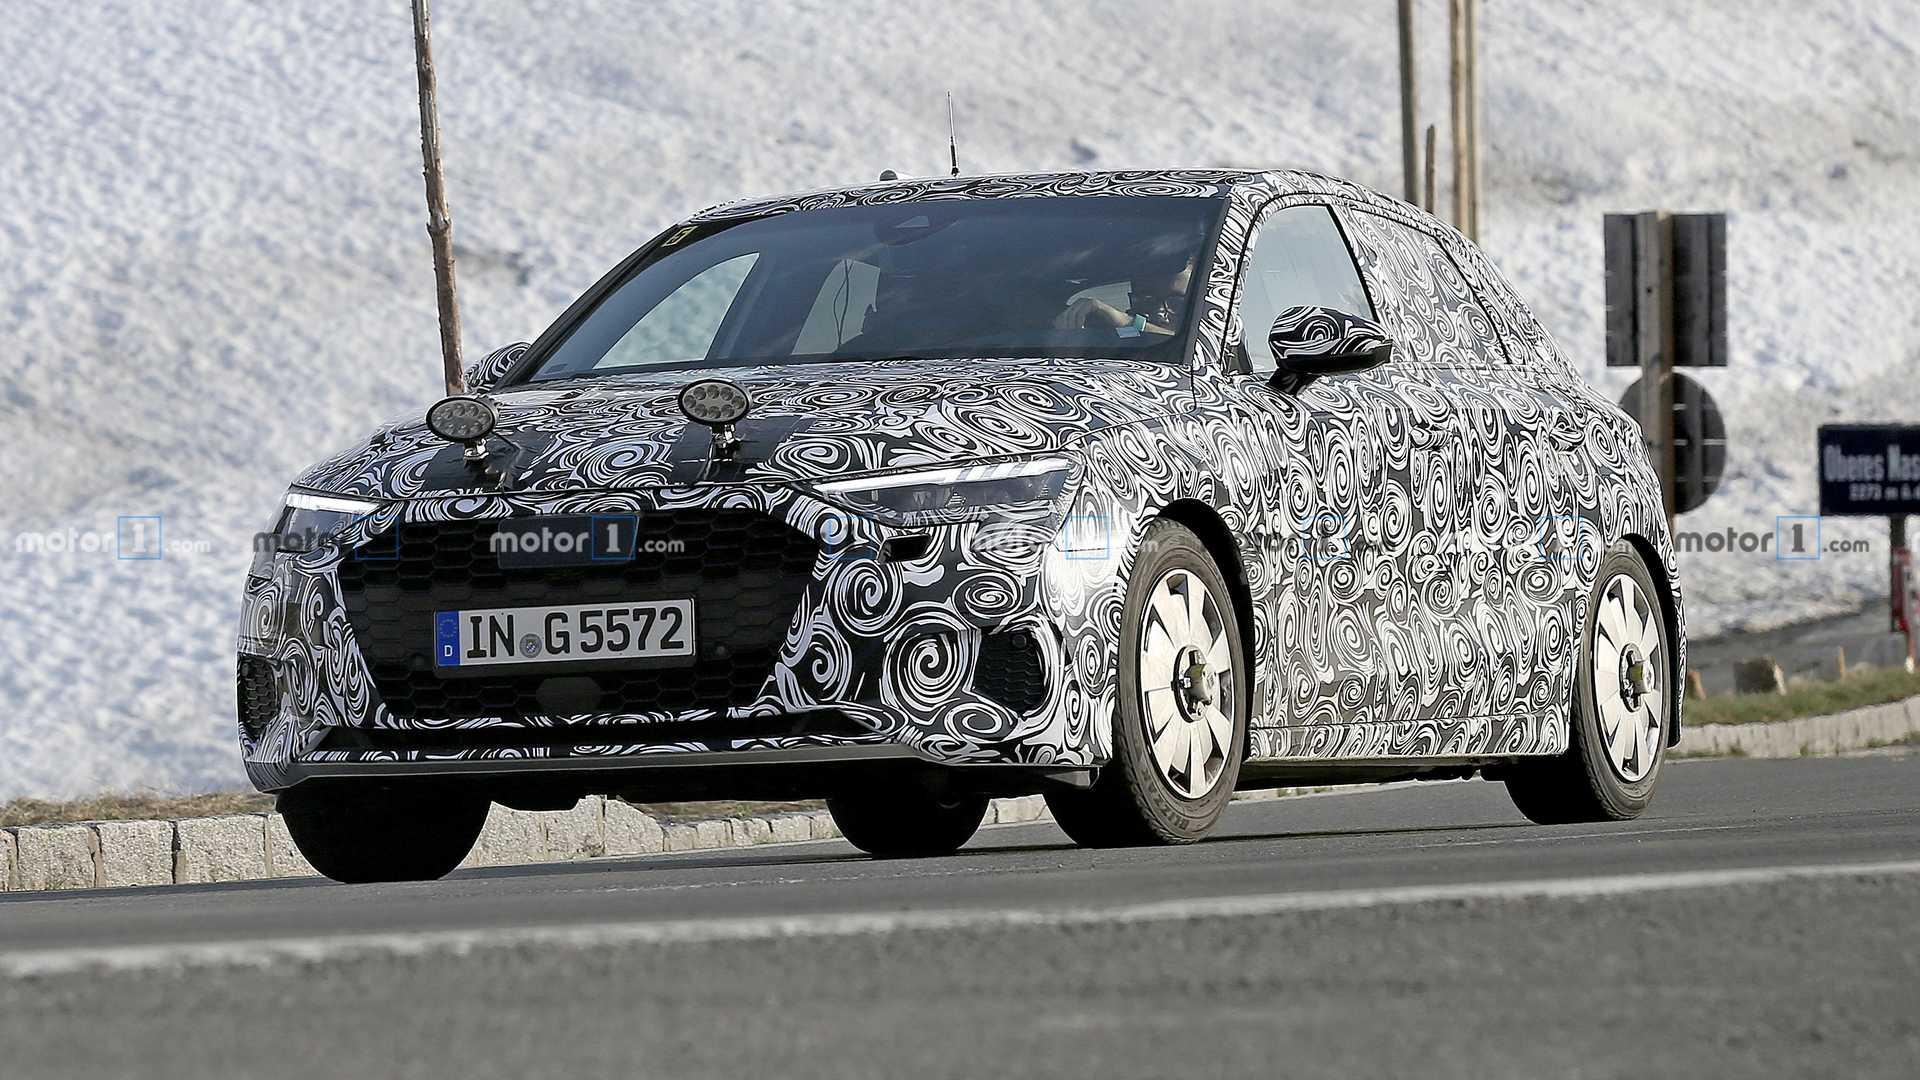 В конце текущего года семейство Audi A3 сменит поколение, переняв всю техническую начинку от VIII генерации Volkswagen Golf